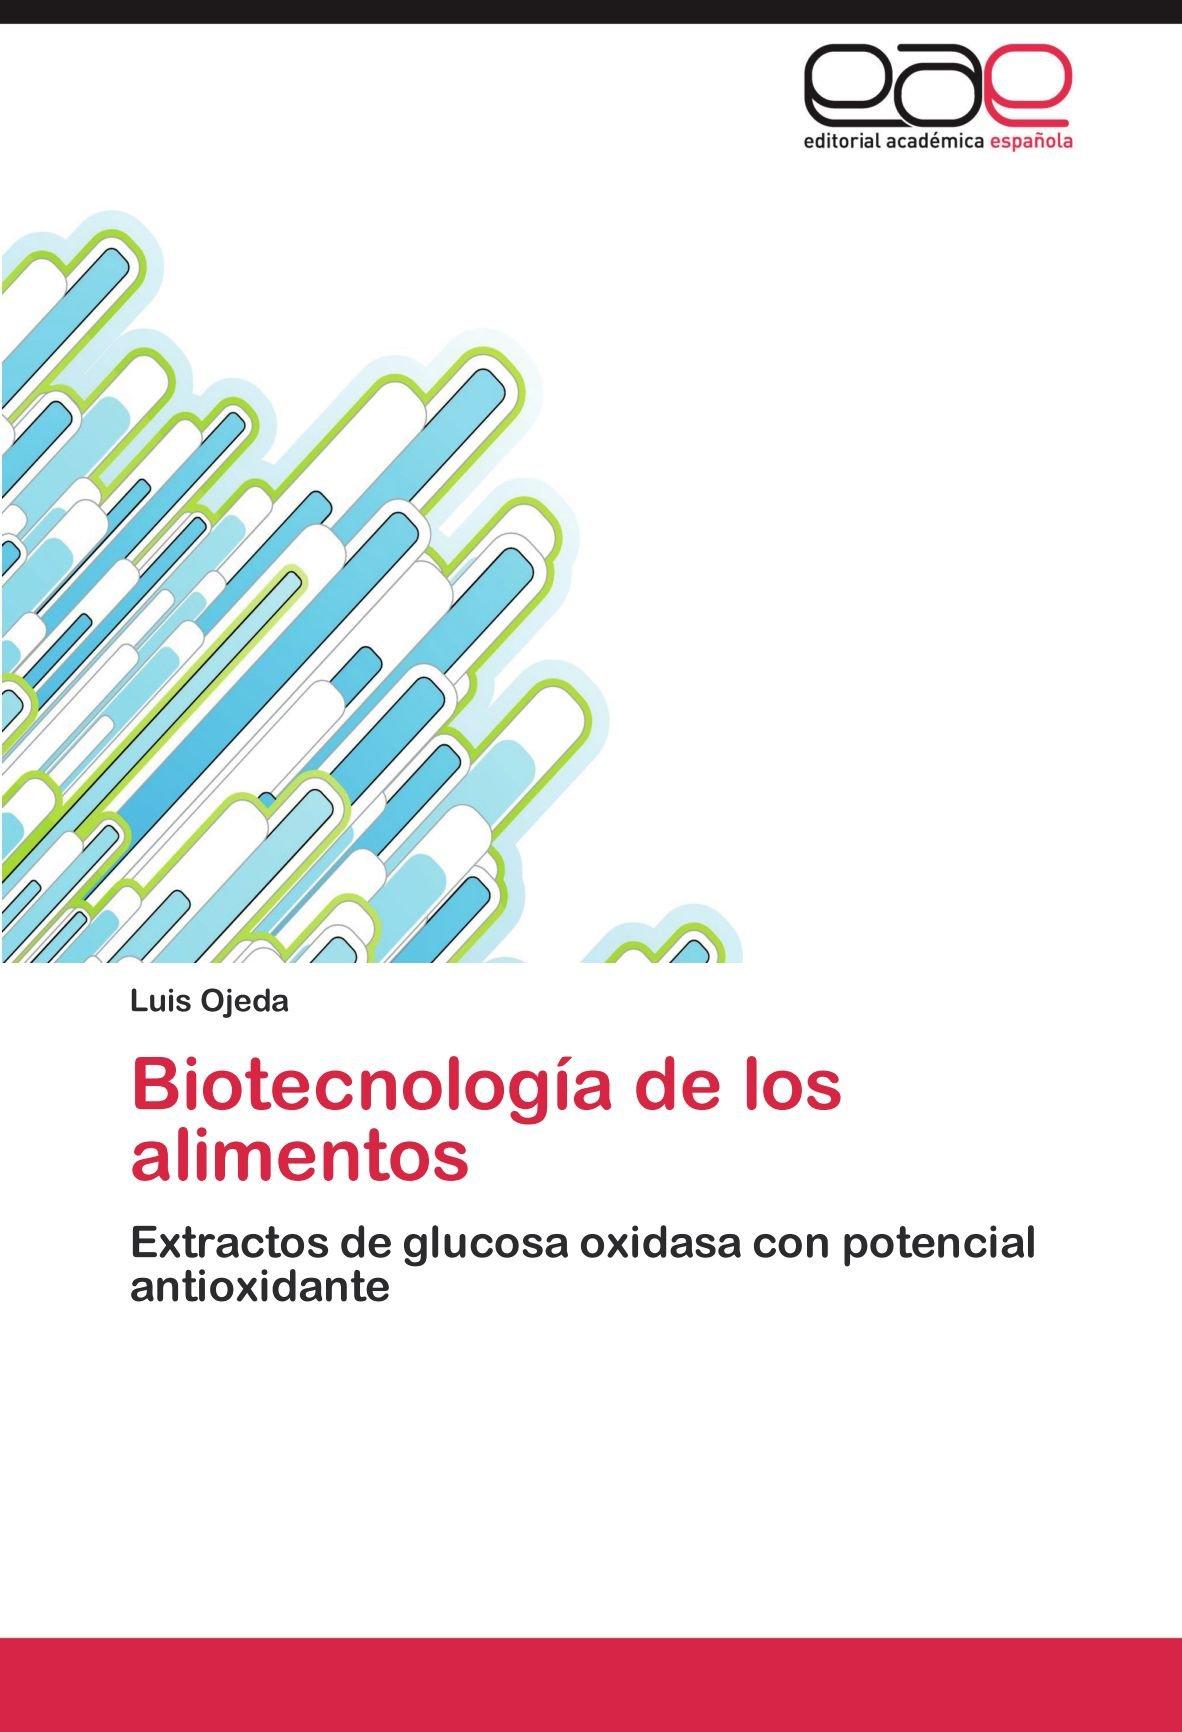 Biotecnología de los alimentos: Extractos de glucosa oxidasa ...